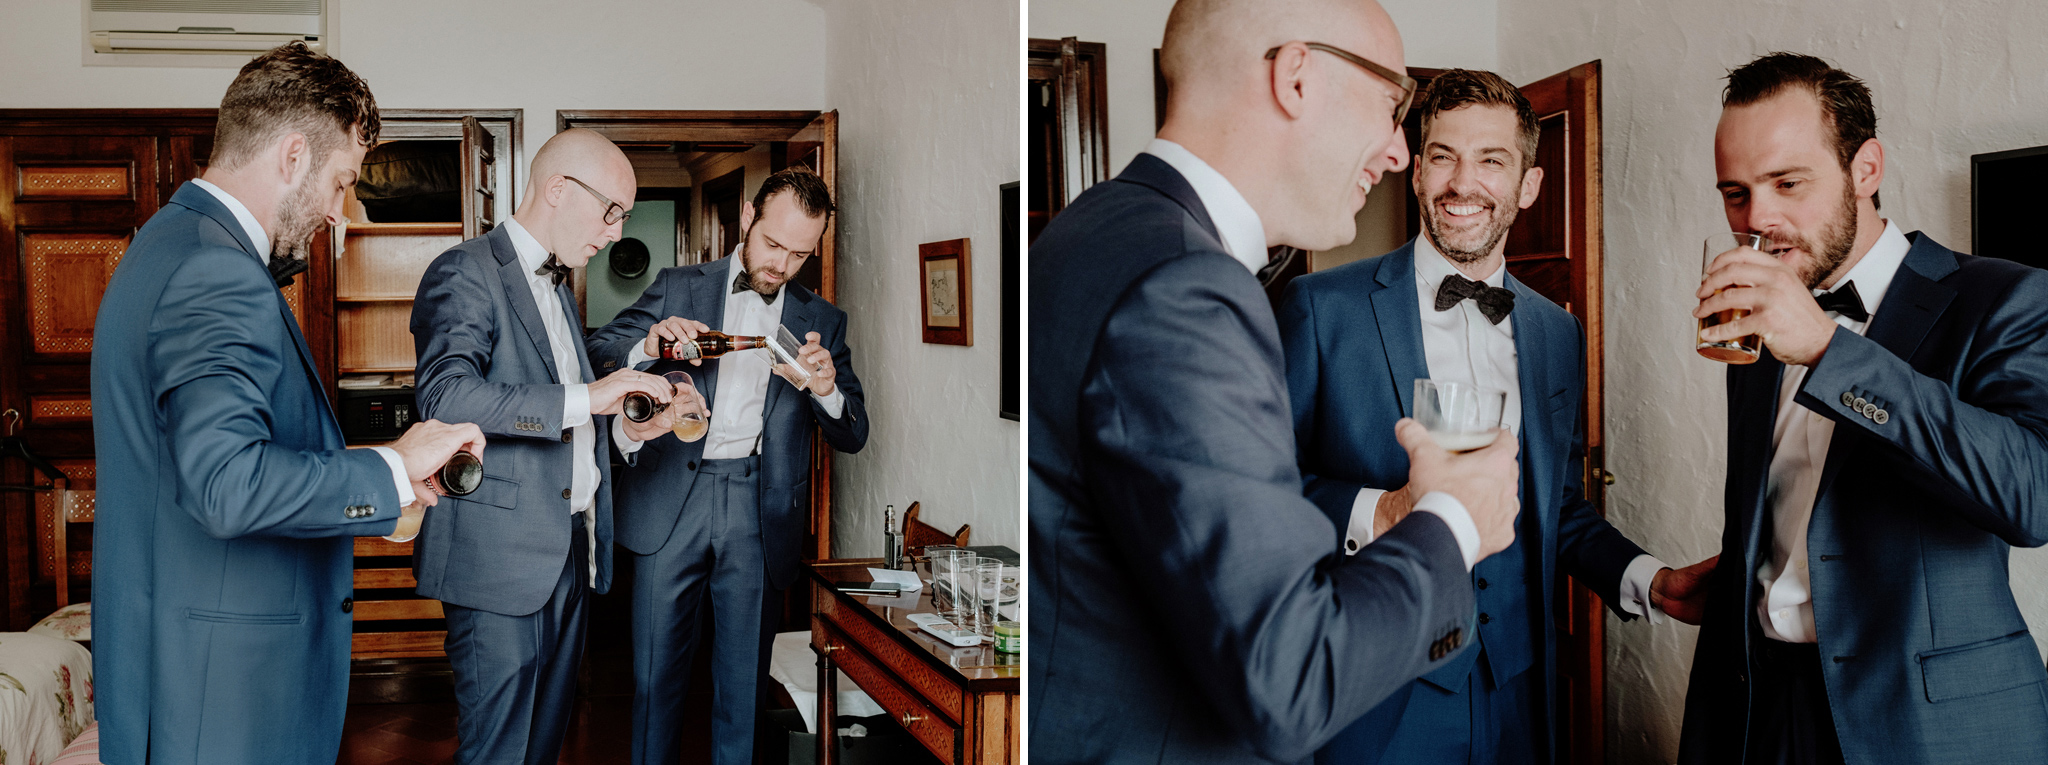 fotografo-boda-barcelona0008.jpg